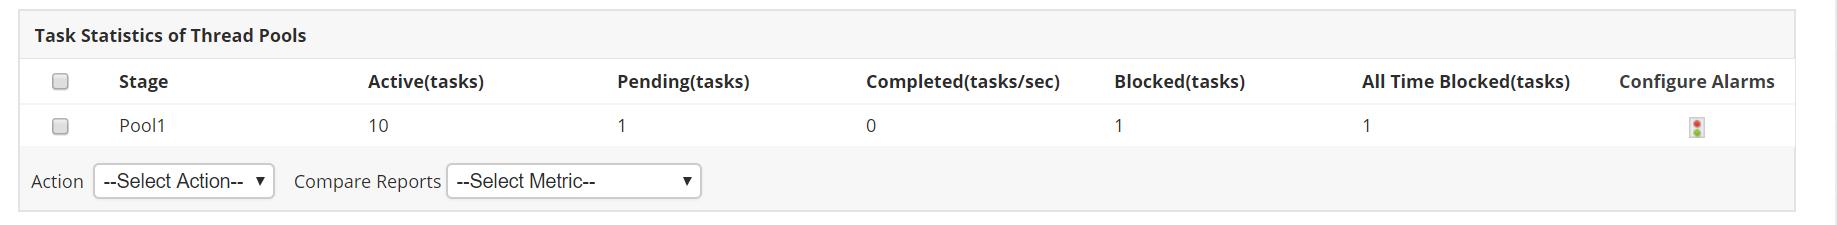 Estadísticas de tareas de Cassandra de grupos de subprocesos